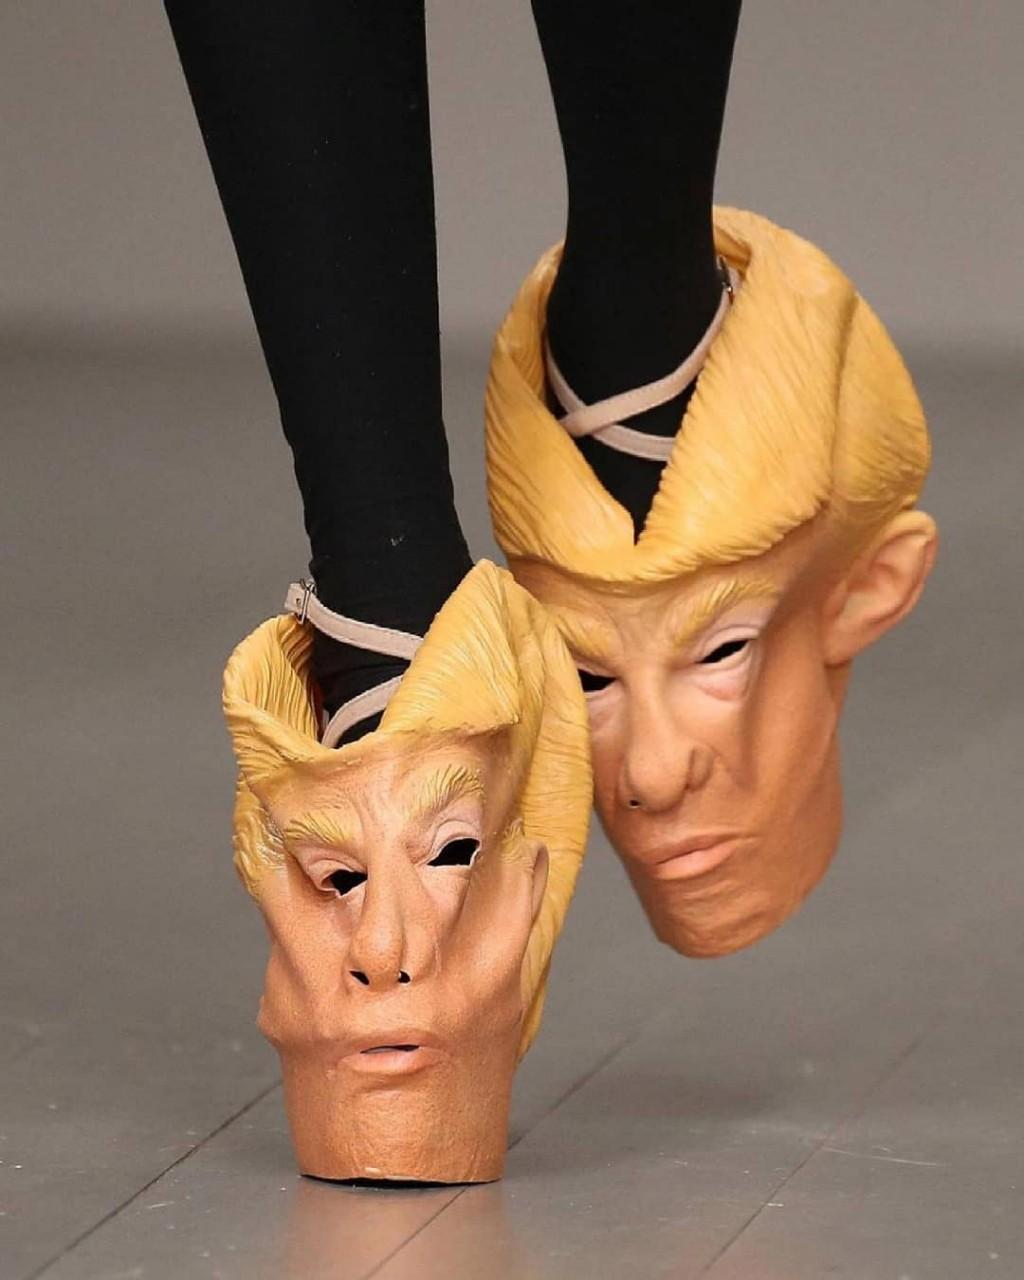 Туфли с лицом Трампа и комбинезон на всё тело: 9 самых диких модных луков дизайнеры